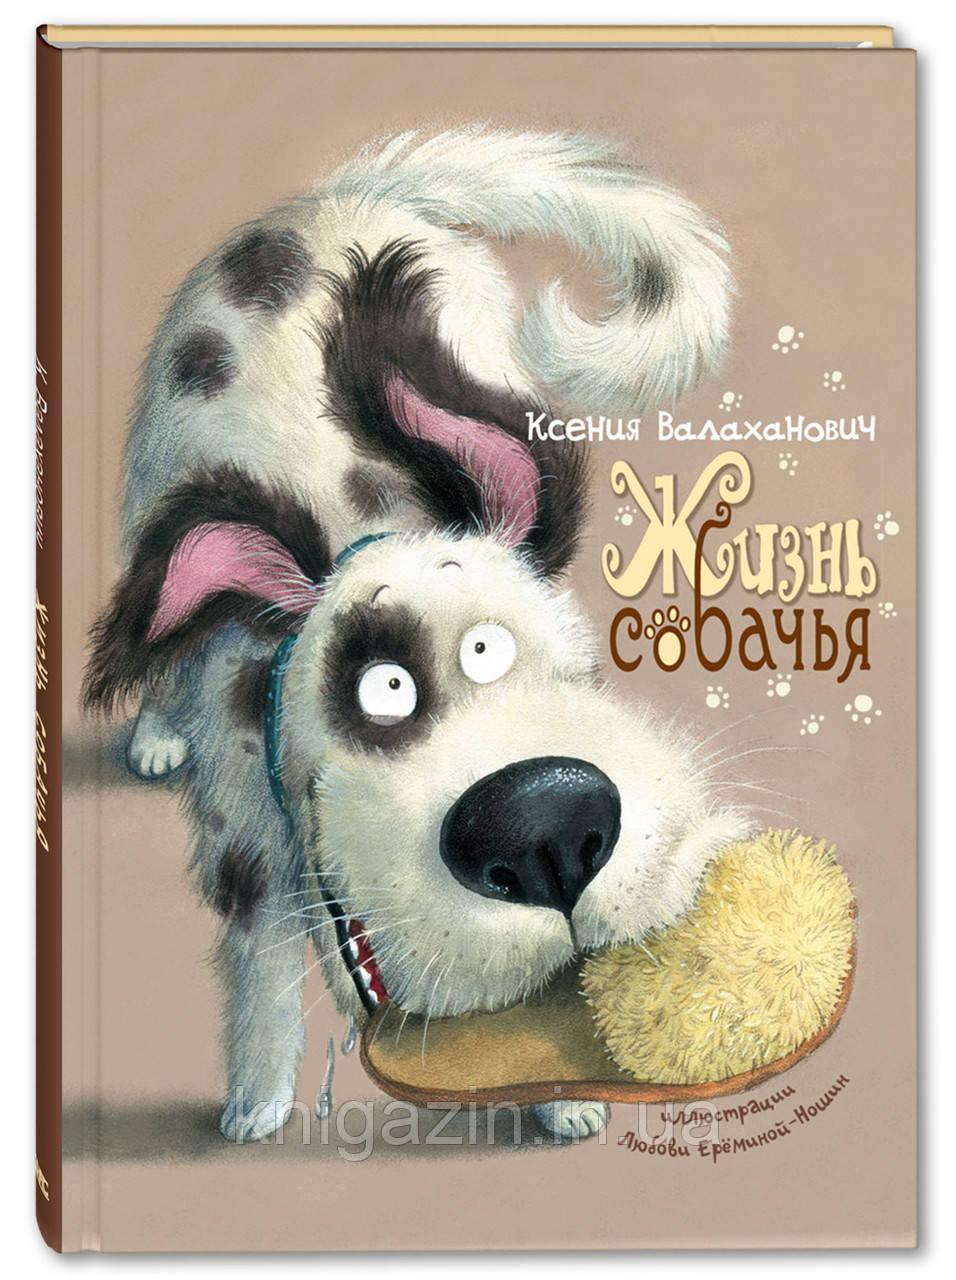 Детская книга Жизнь собачья